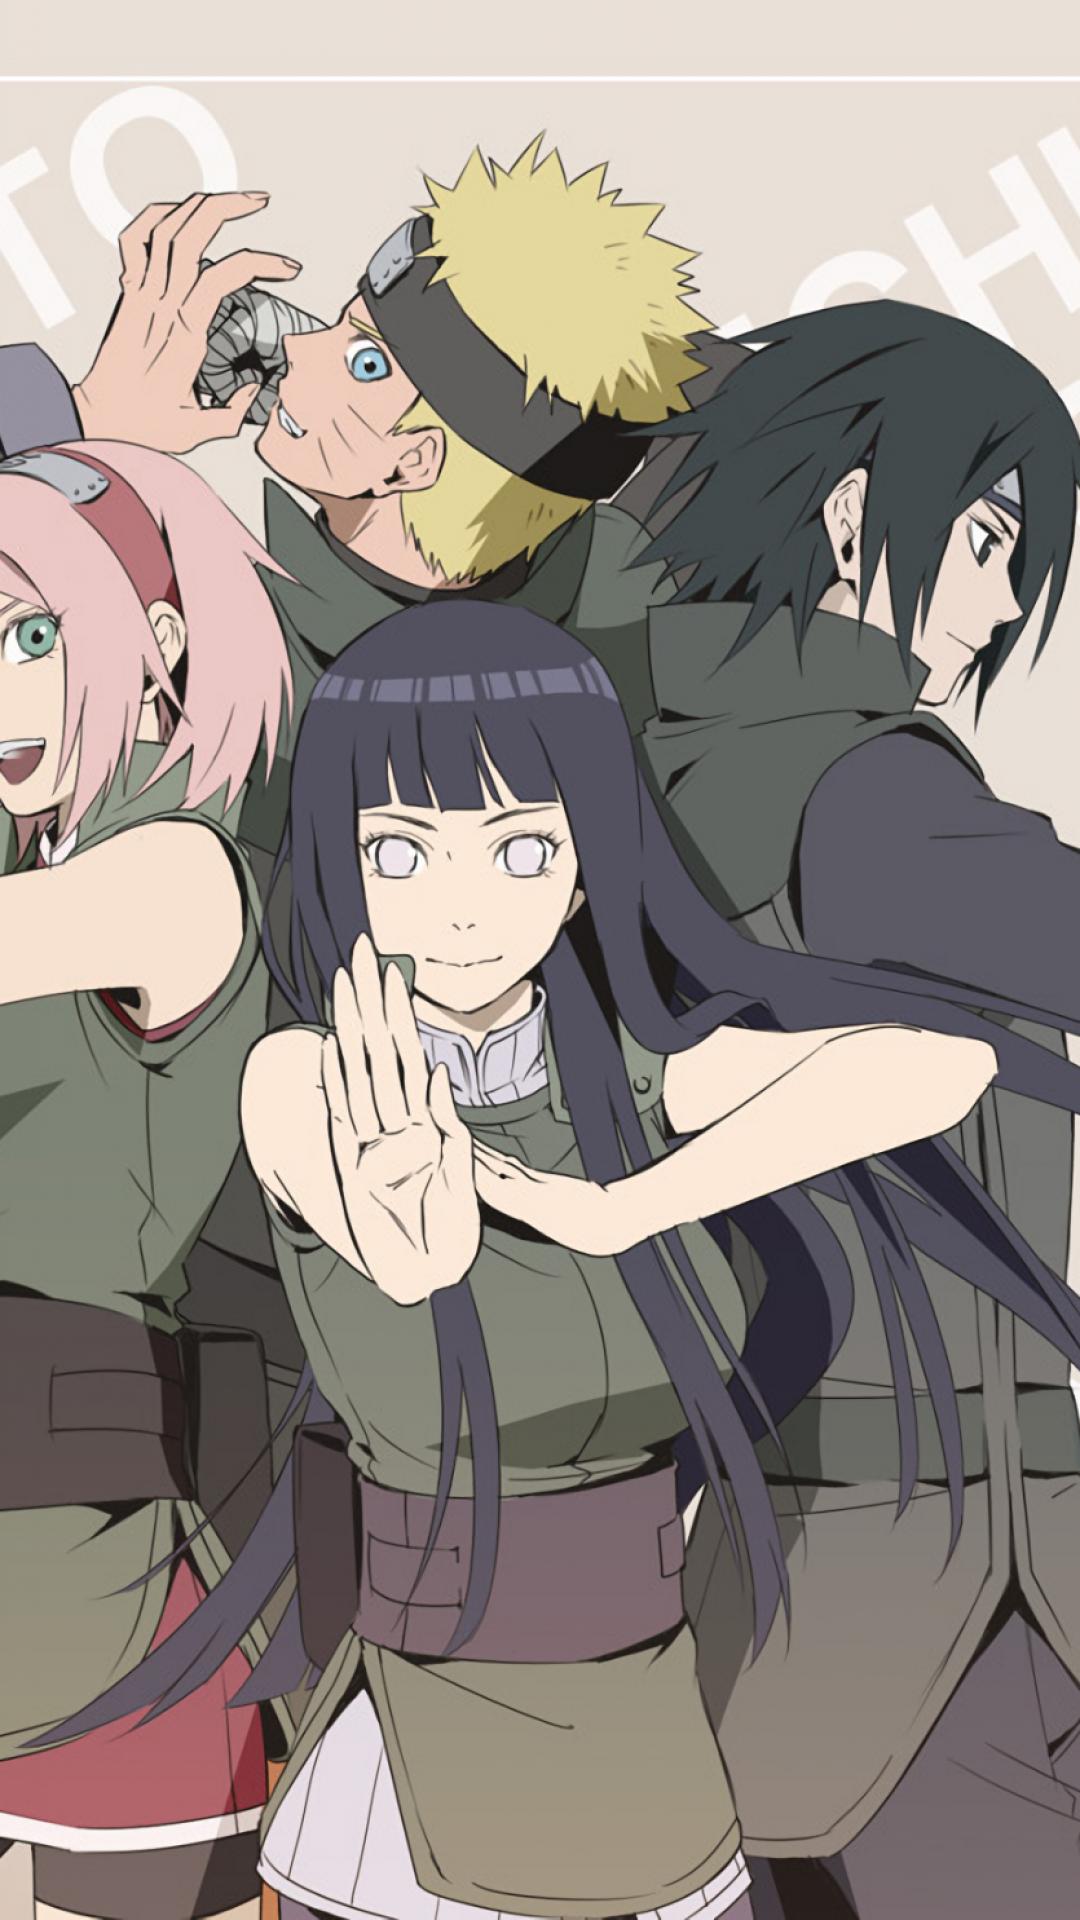 Naruto, Team 7, Sakura, Sasuke, Hinata - Naruto Sasuke Sakura Hinata - HD Wallpaper